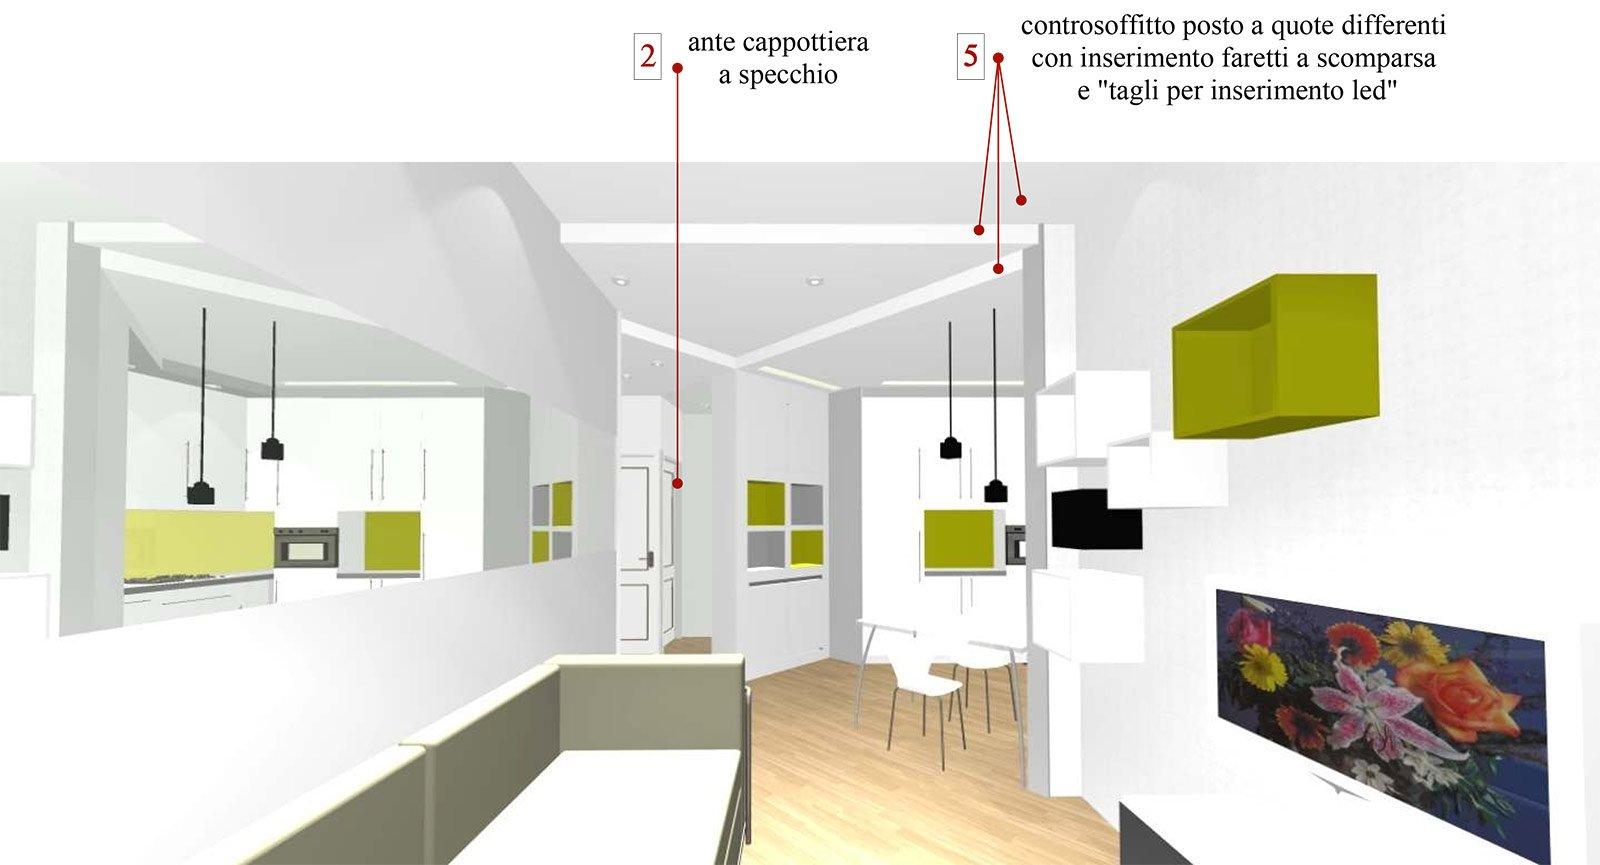 come arredare un piccolo soggiorno con angolo cottura: forum ... - Arredamento Piccolo Soggiorno Con Angolo Cottura 2